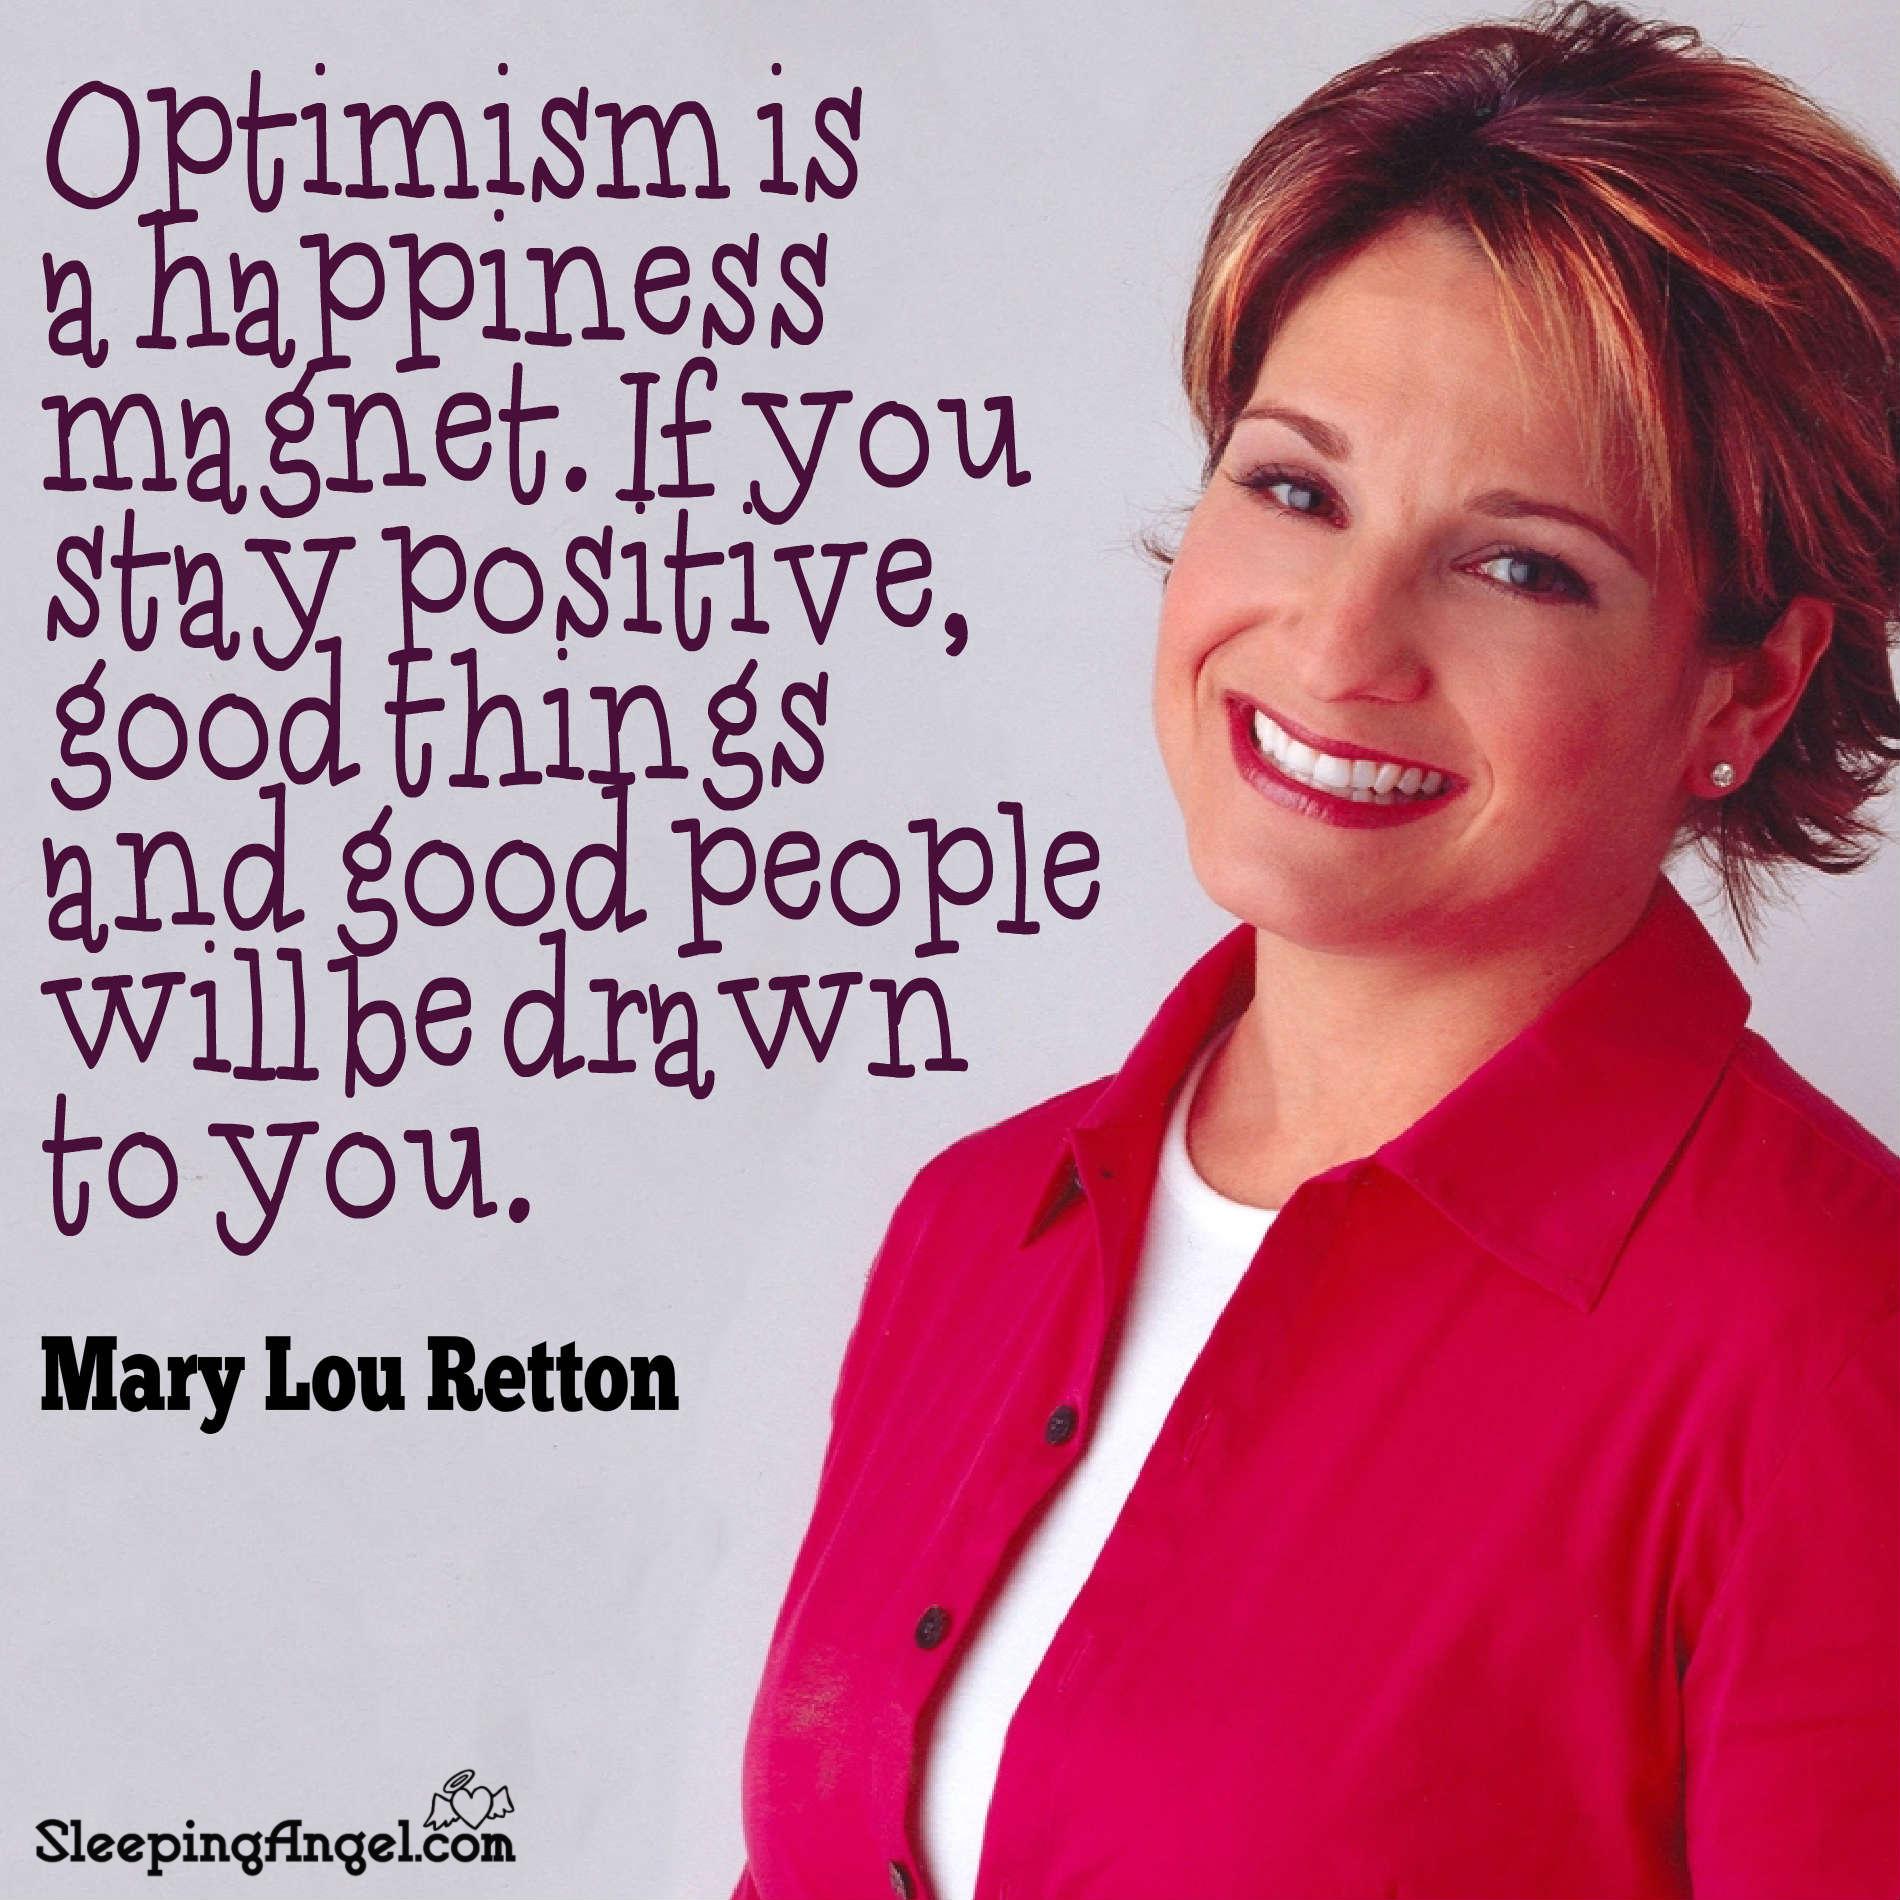 Mary Lou Retton Quote